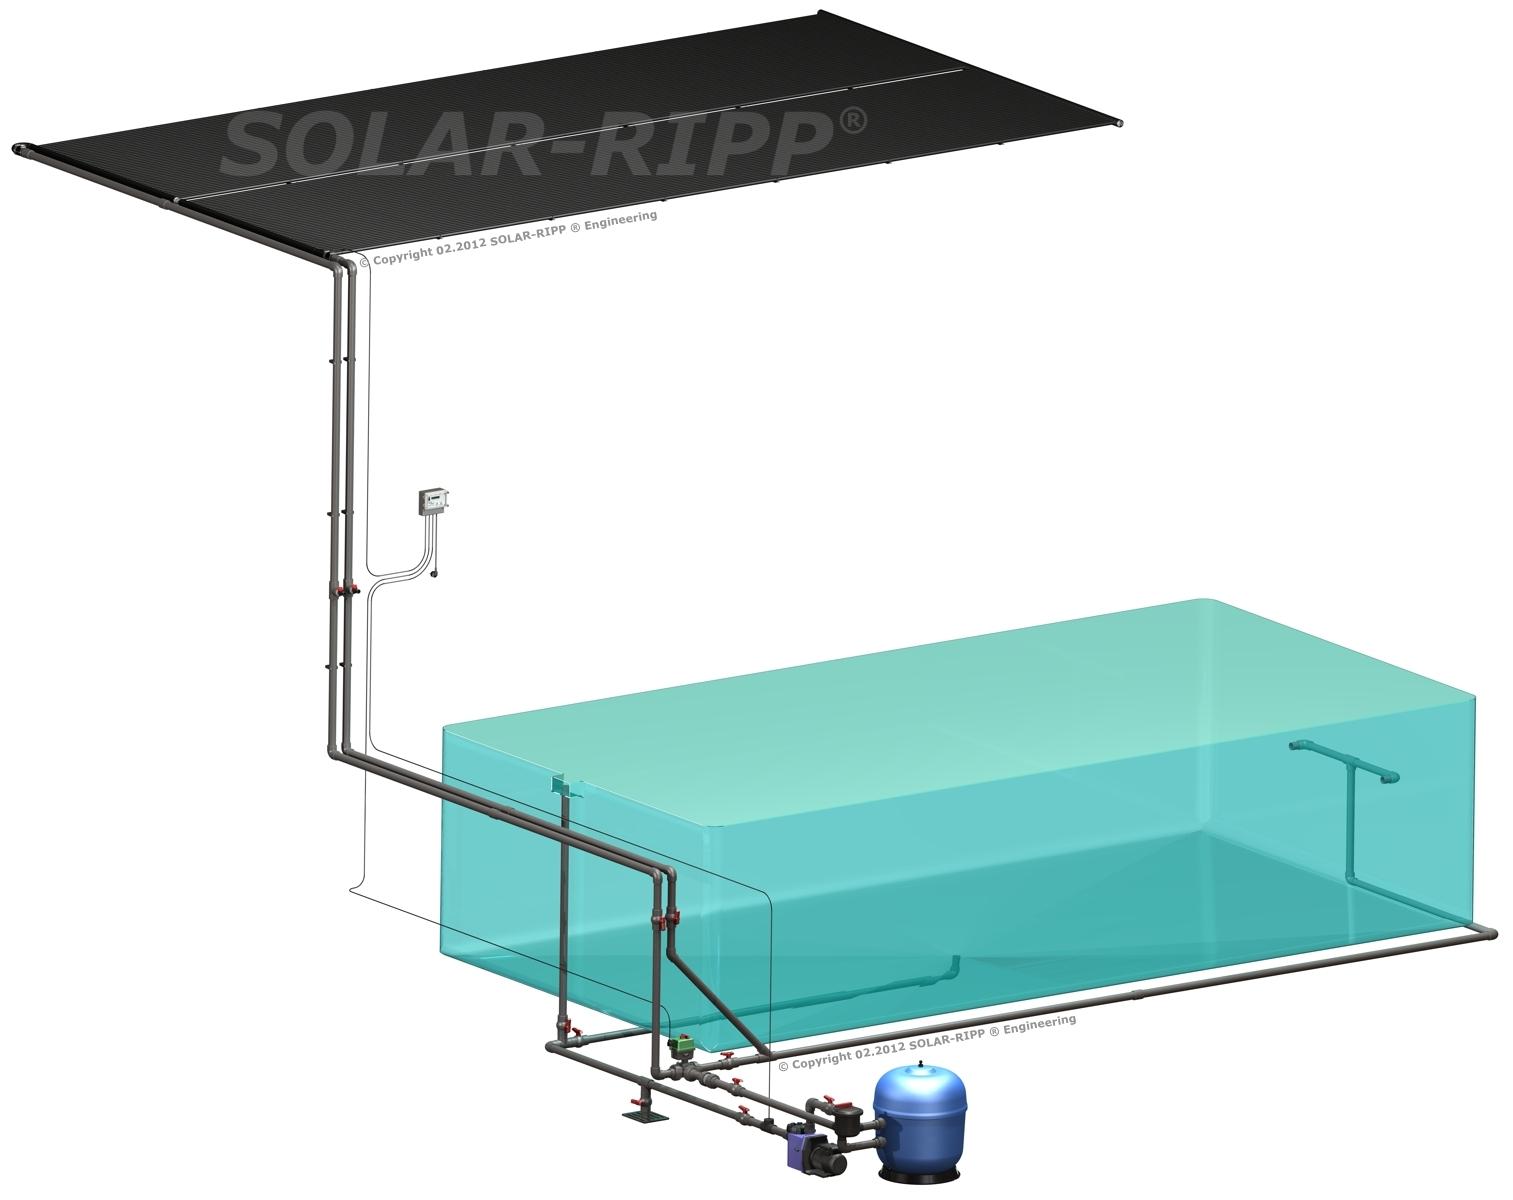 SOLAR-RIPP ® Beispiel-Verrohrung 1 mit 3-Wege-Motorventil